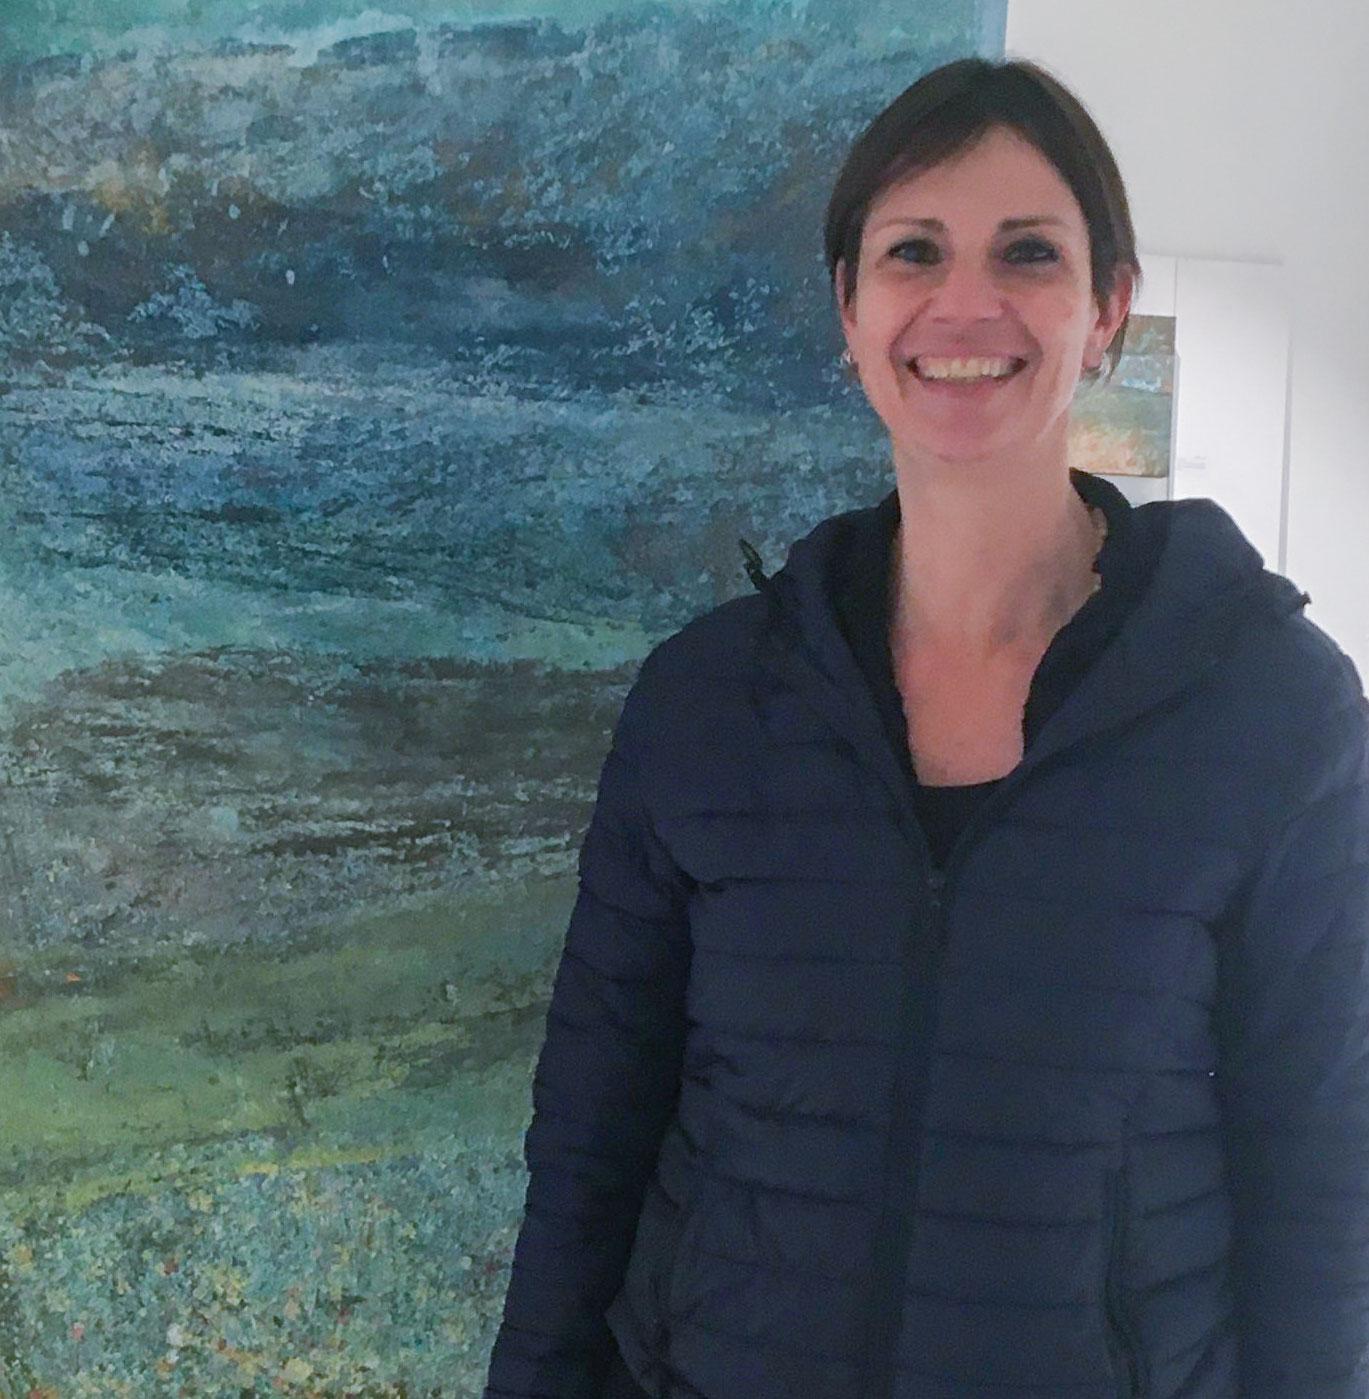 Gloria Girelli Bruni | Le Terre dell'Anima | Pallavicini22 spazio espositivo Ravenna